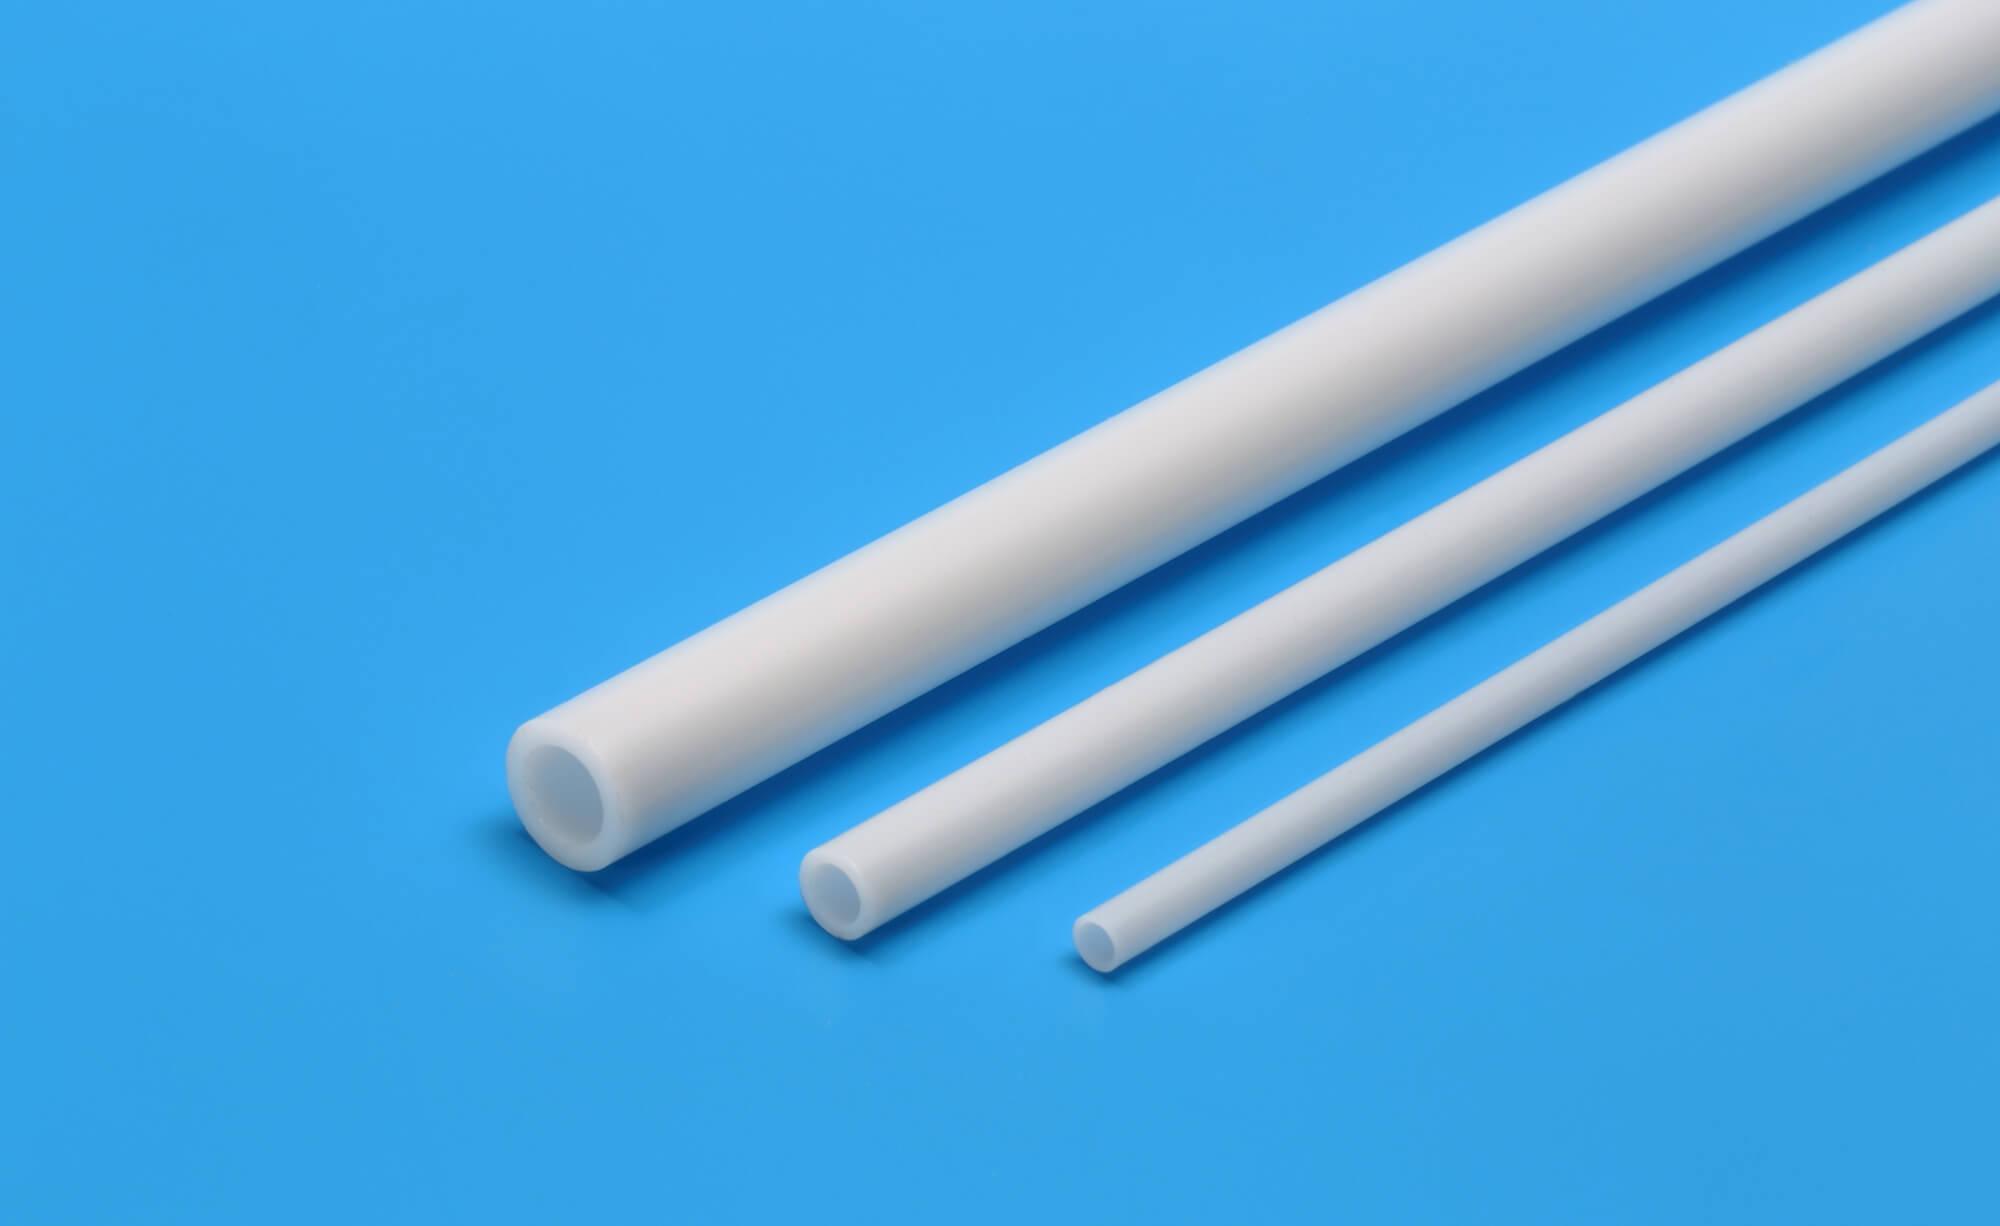 จำหน่าย พลาสติก beam 2-8 mm คุณภาพของ ทามิย่า